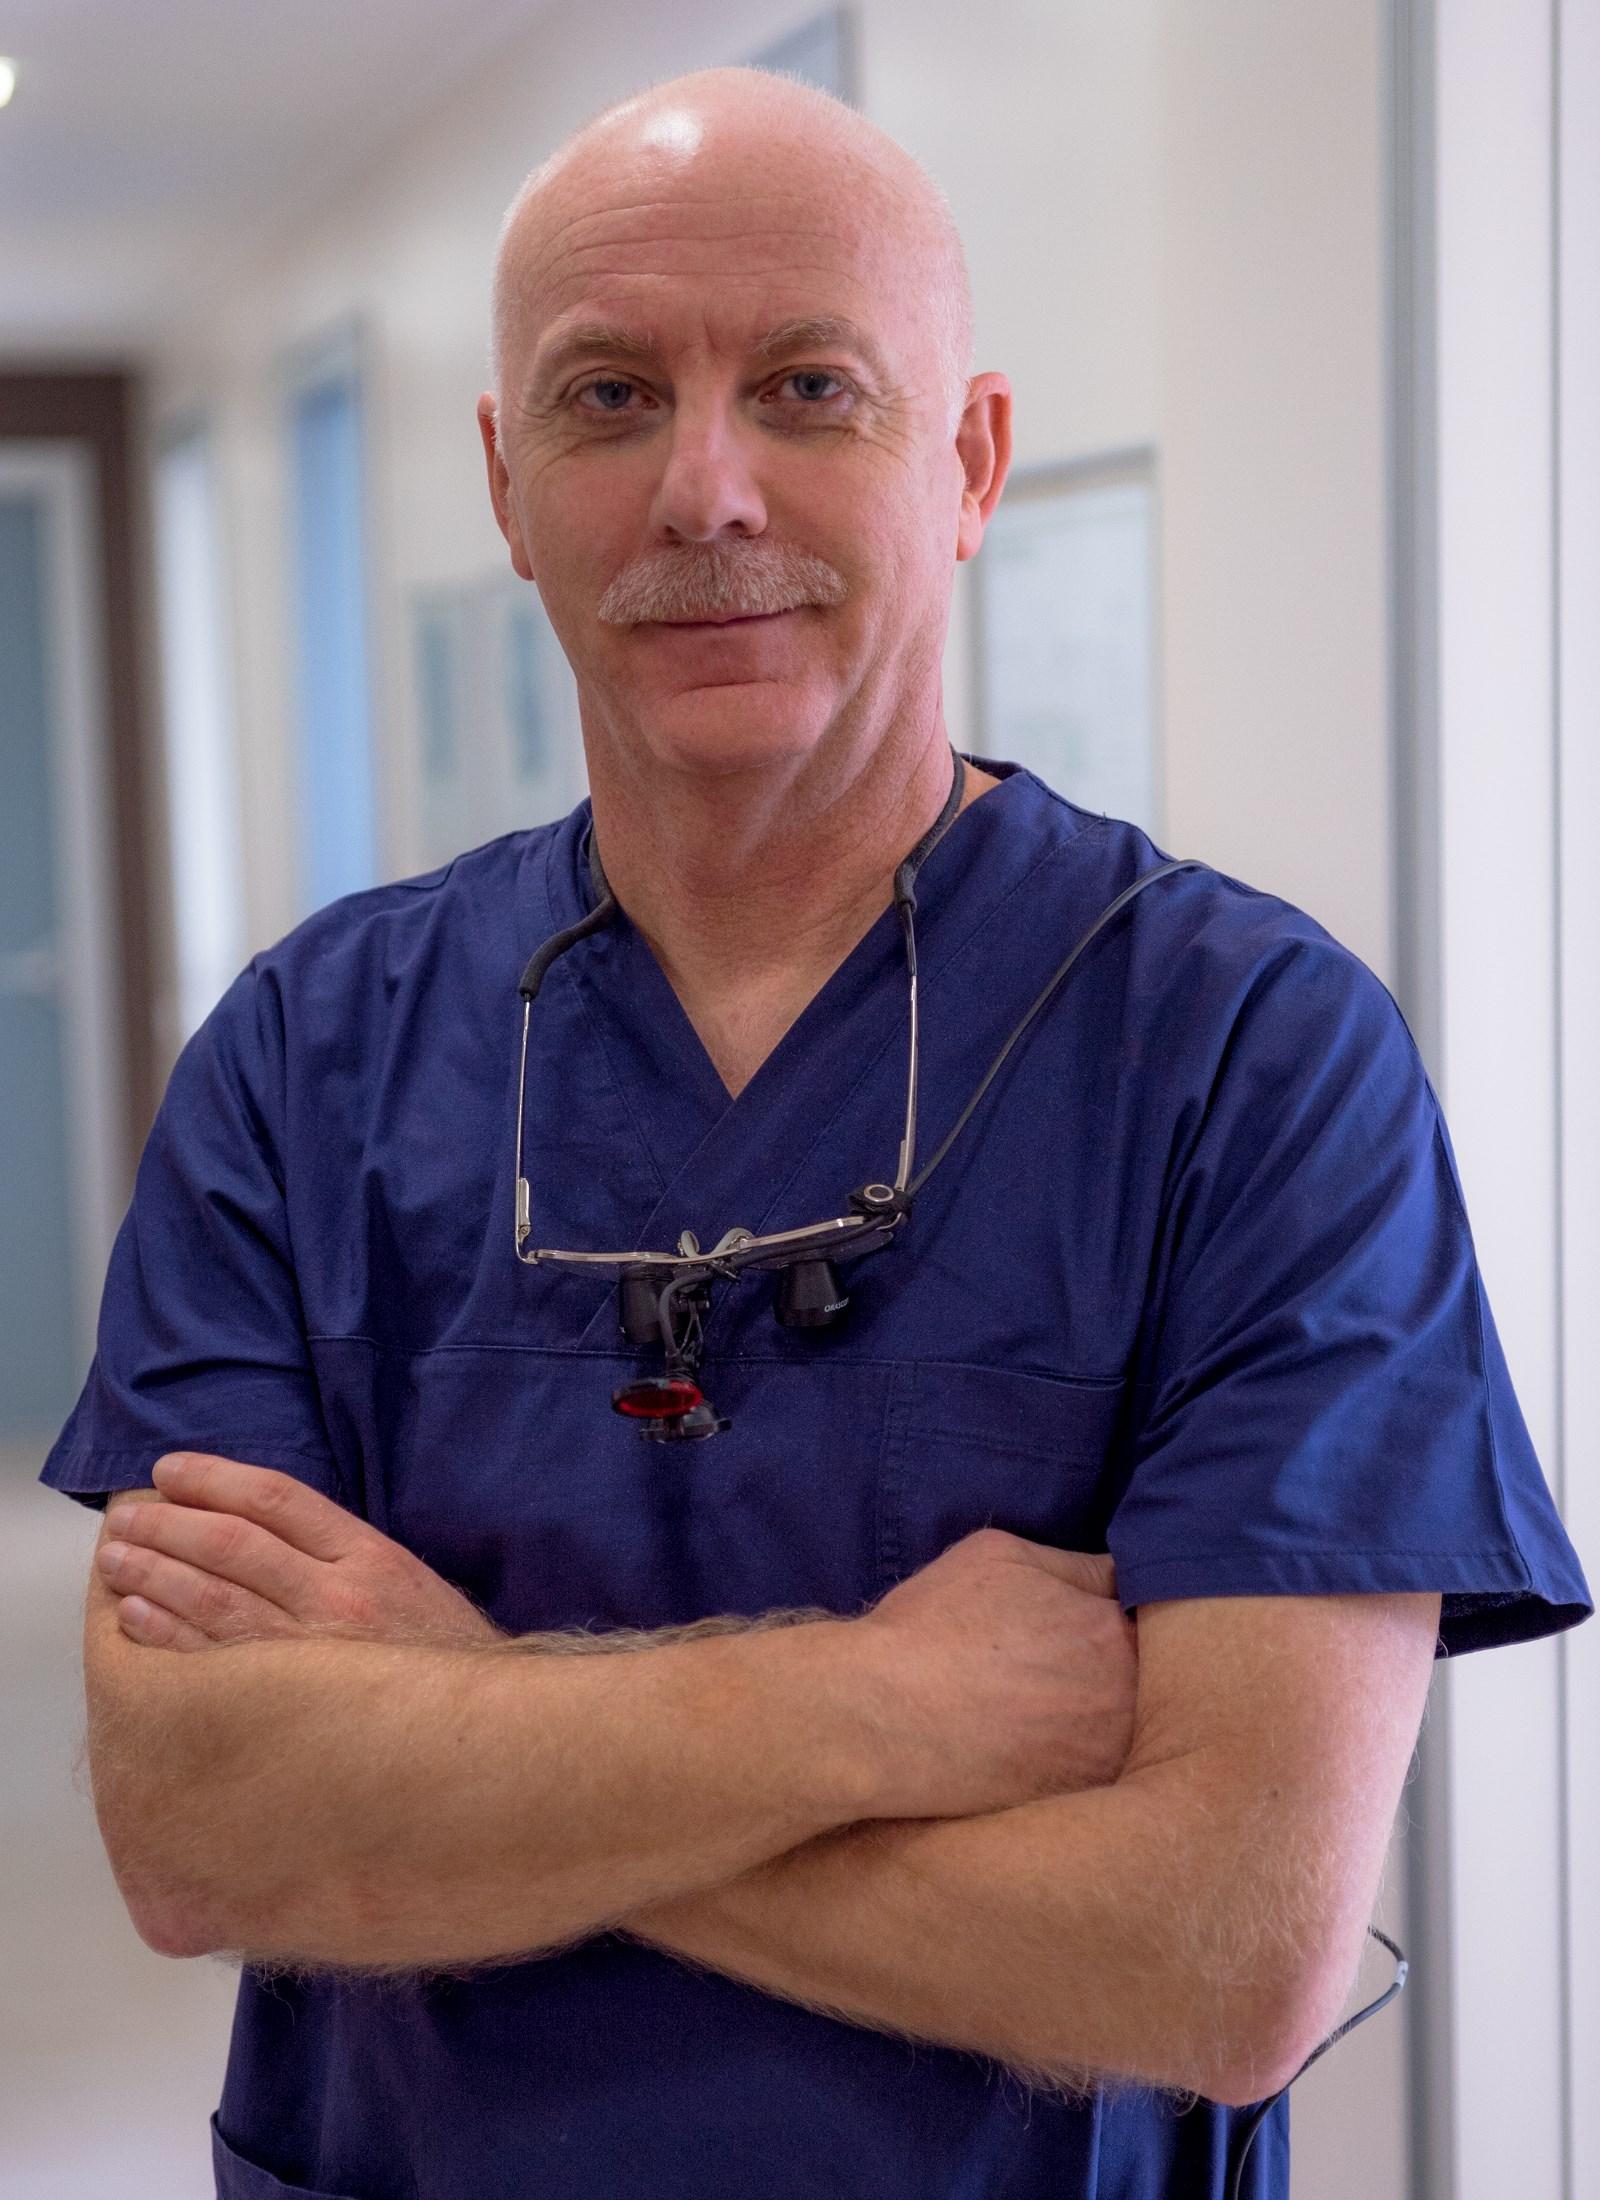 Dott. Marcello Scarabelli - Dentista Gallarate